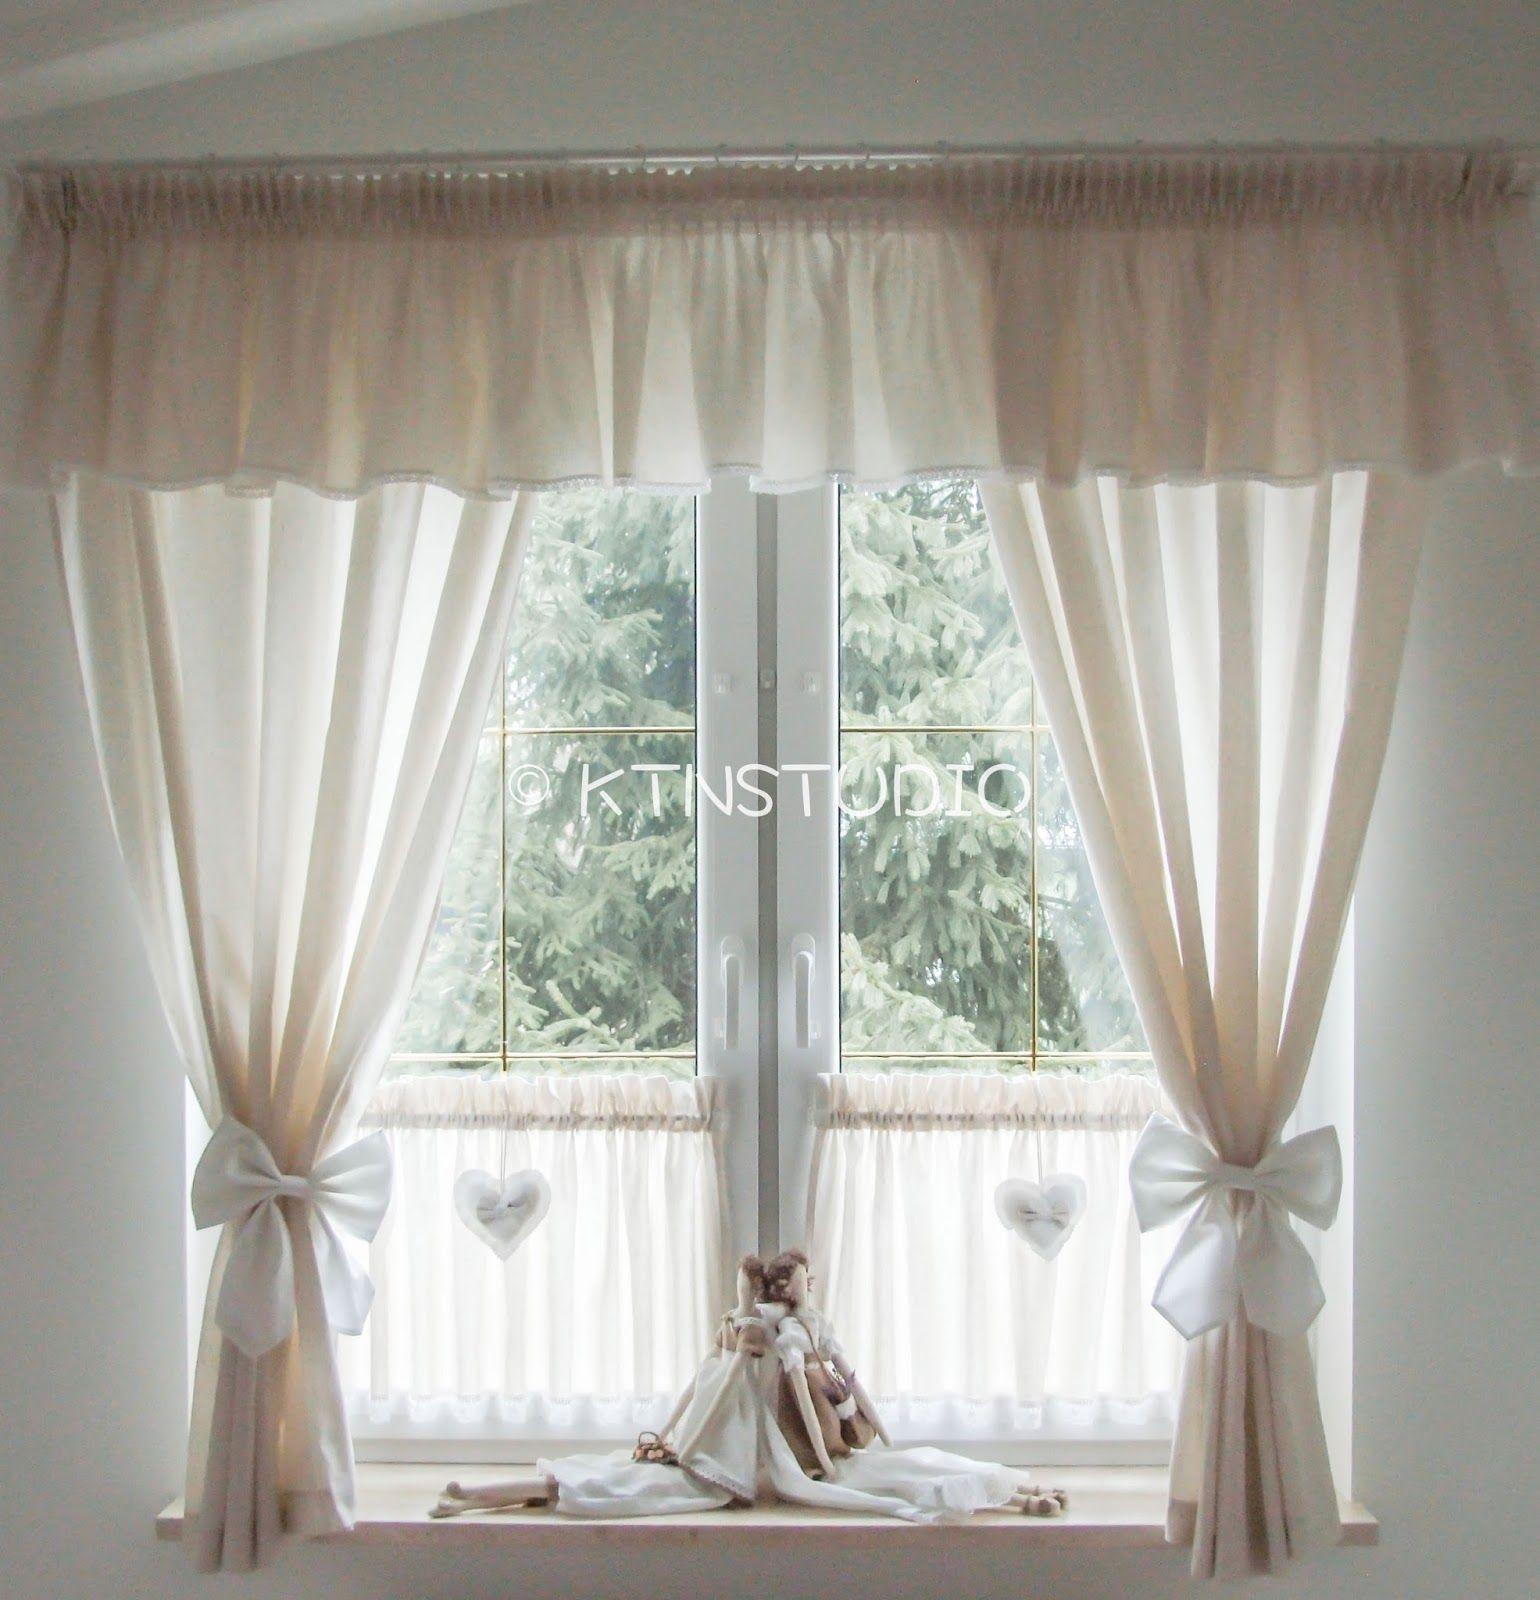 Schwarz Weiß Vorhänge In Einem Modernen Interieur 21: Gardinen Zum Binden. Scheibengardinen Mit Schlaufen